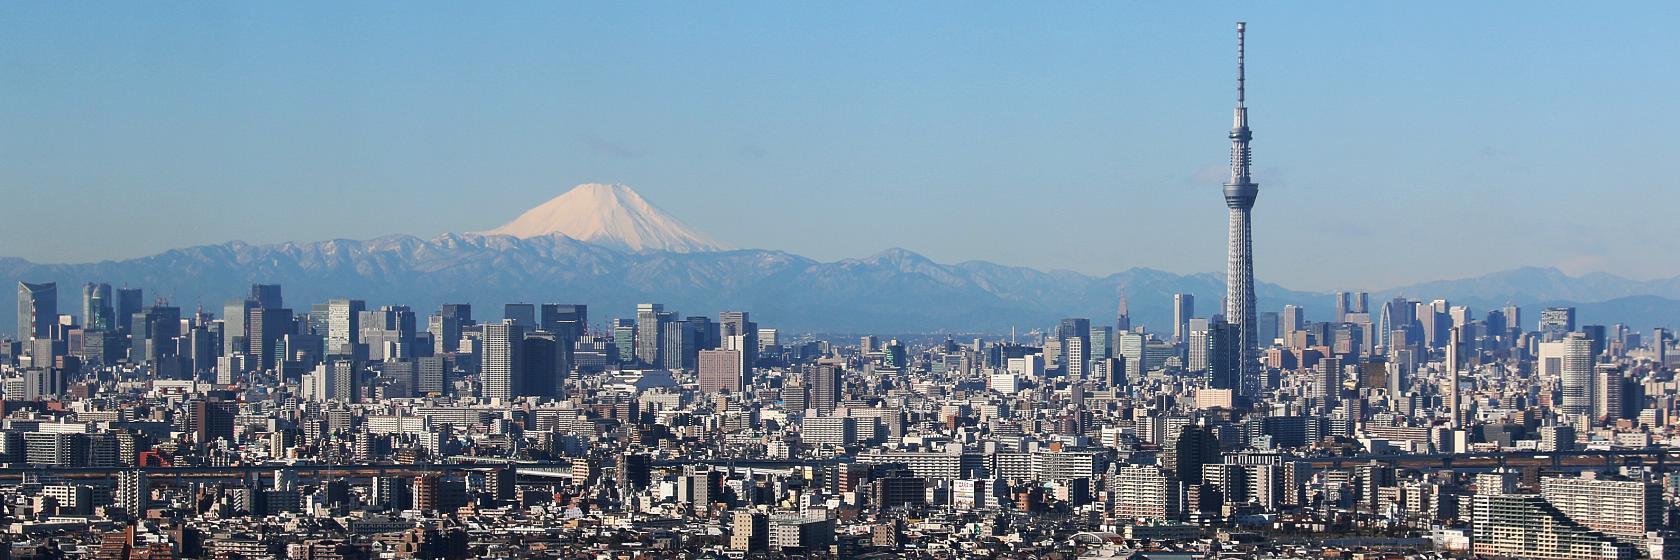 destination_tokyo.jpg